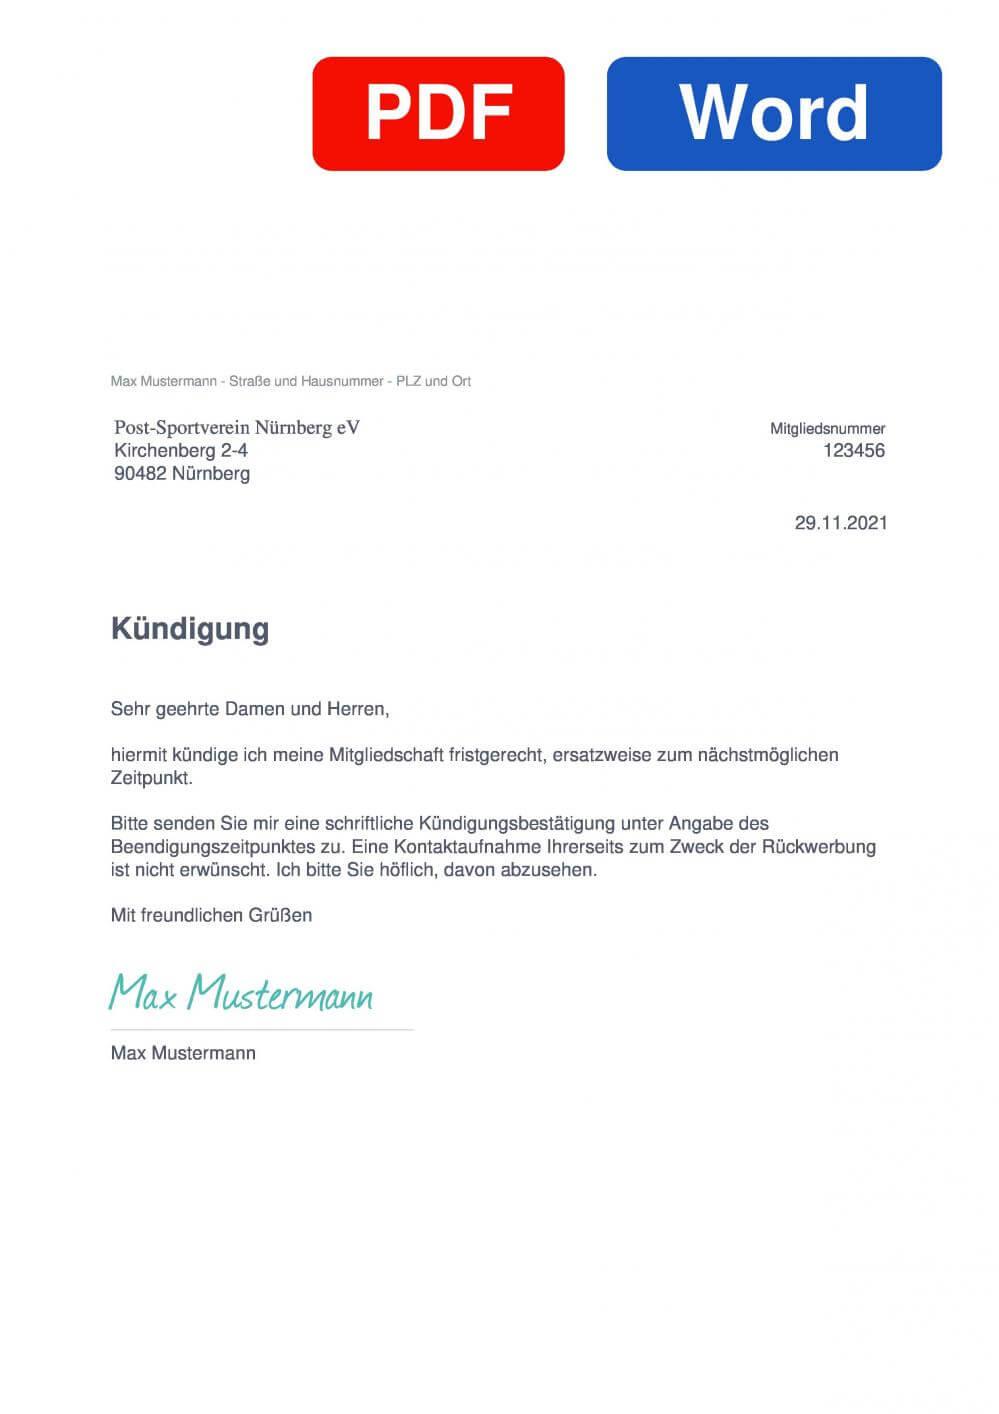 Post SV Nürnberg Muster Vorlage für Kündigungsschreiben